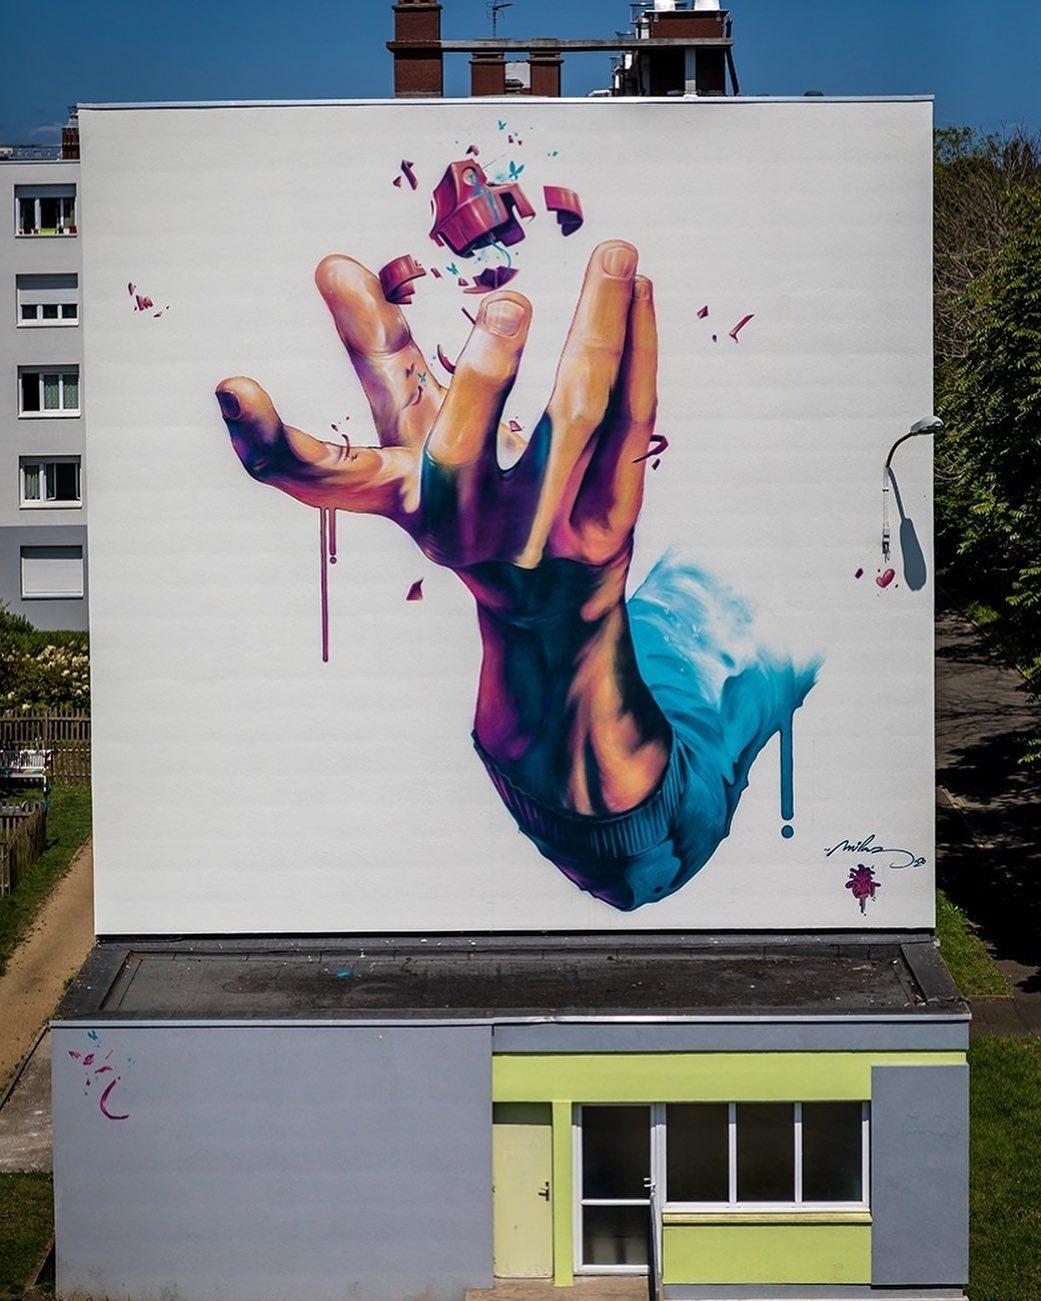 Milouz Tsf Laurent @ Saint-Brieuc, France